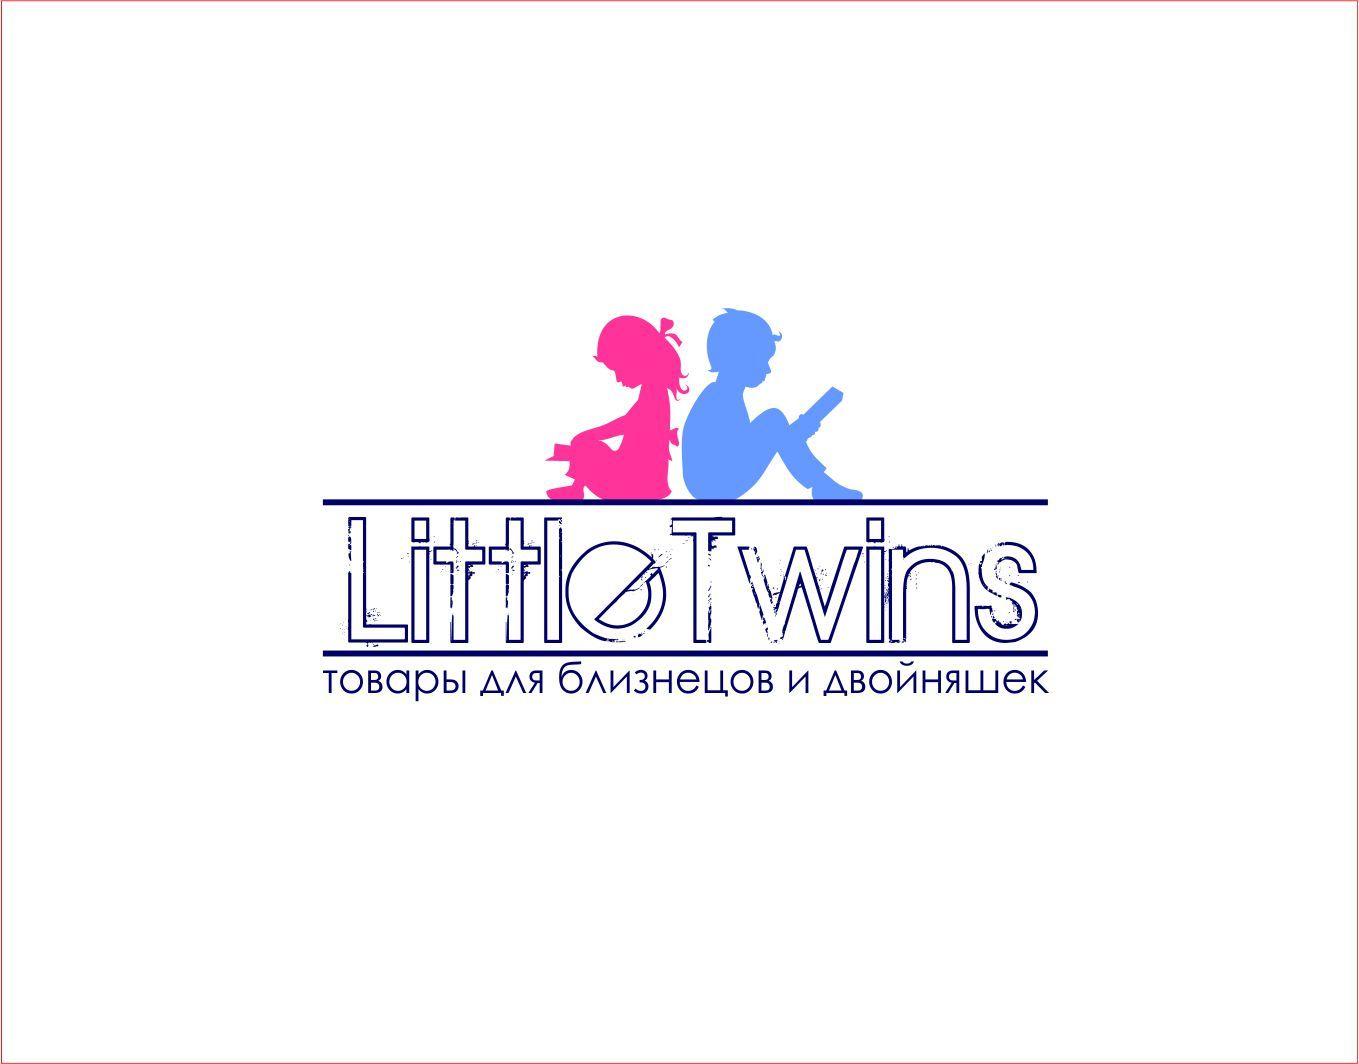 Логотип детского интернет-магазина для двойняшек - дизайнер ElenaCHEHOVA